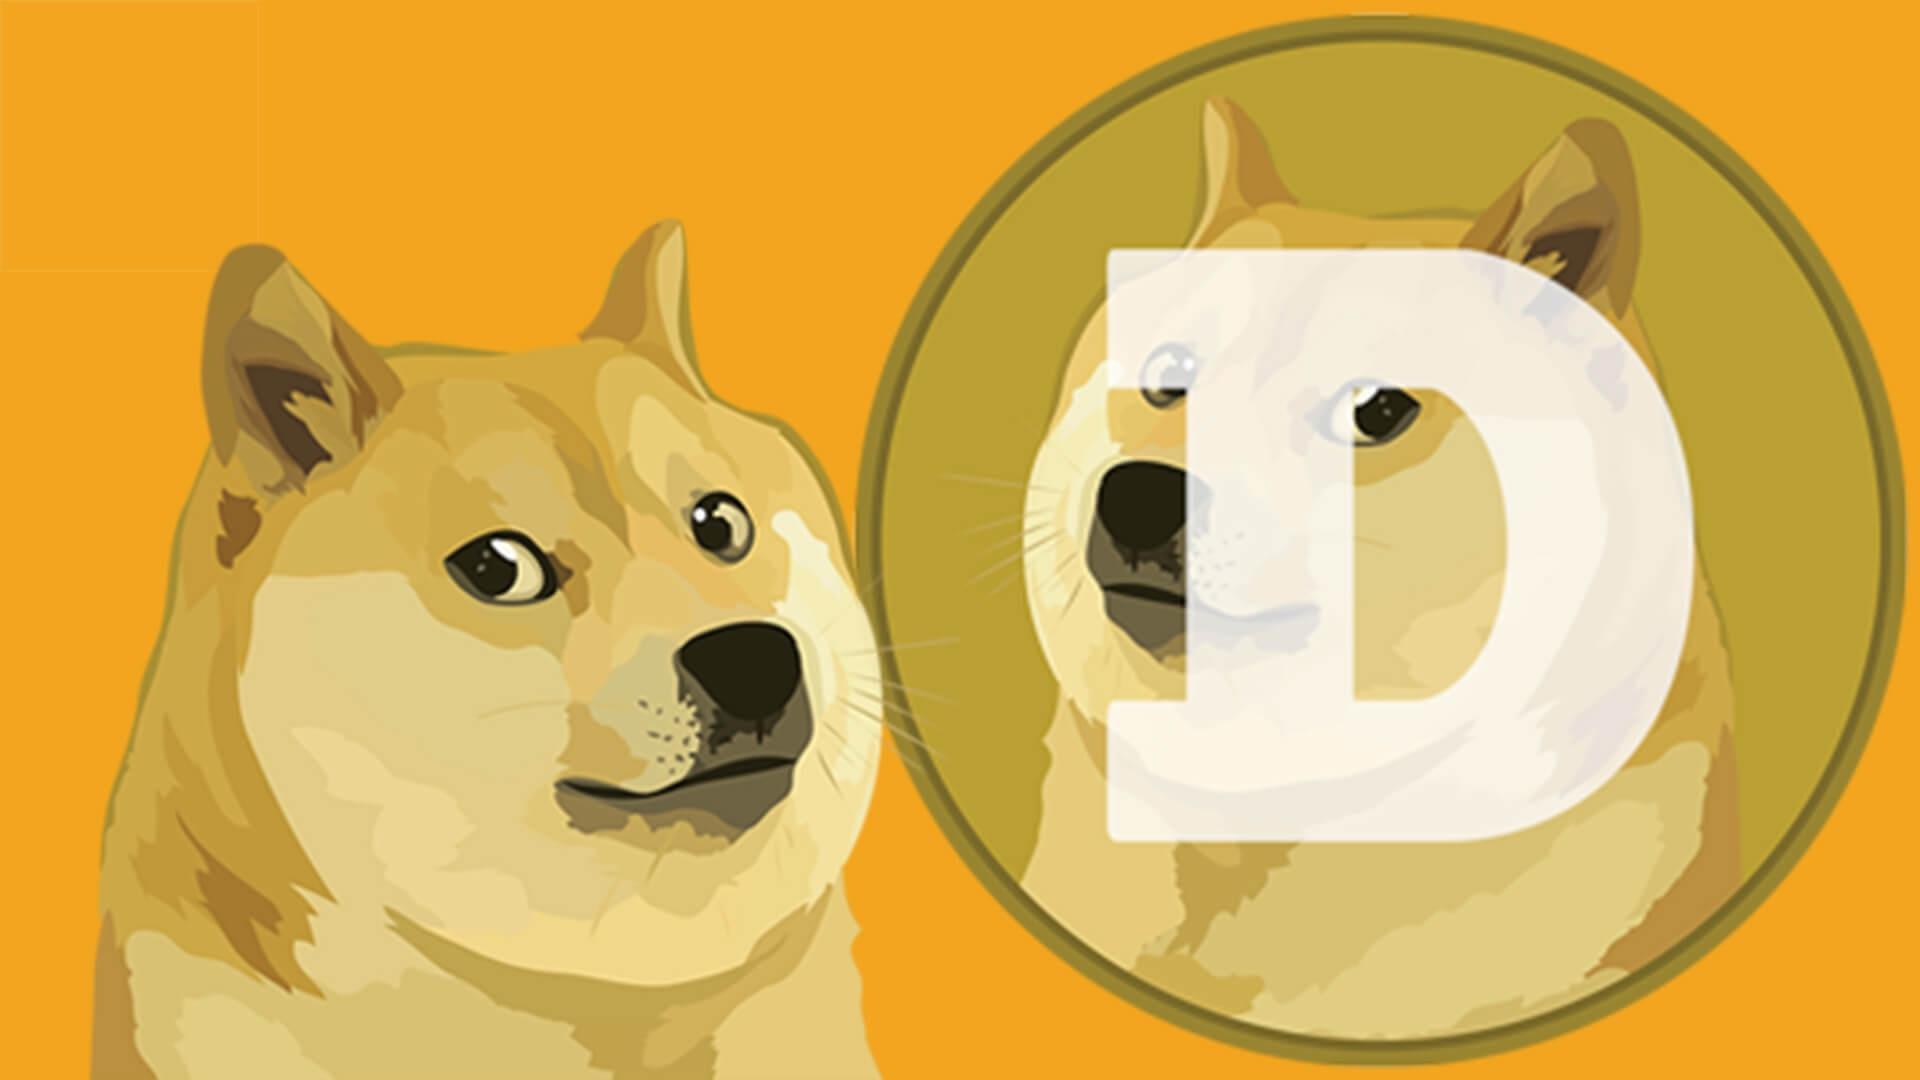 come il commercio bitcoin per dogecoin